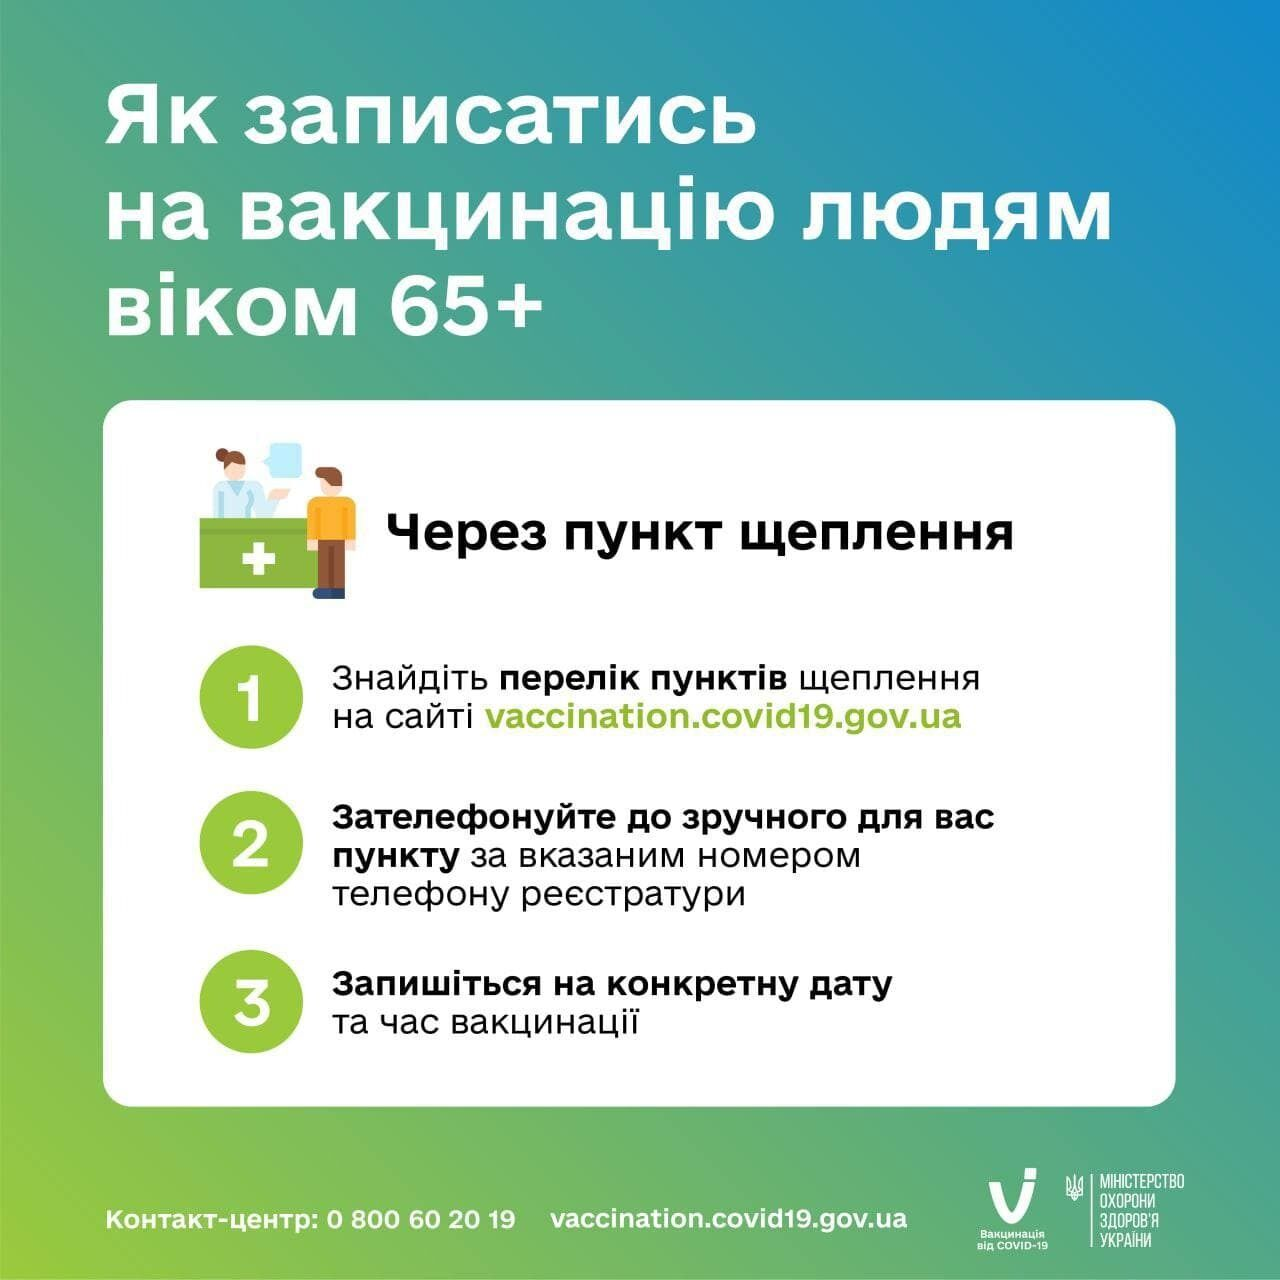 В Украине начали вакцинацию против COVID-19 людей в возрасте 65+: как записаться